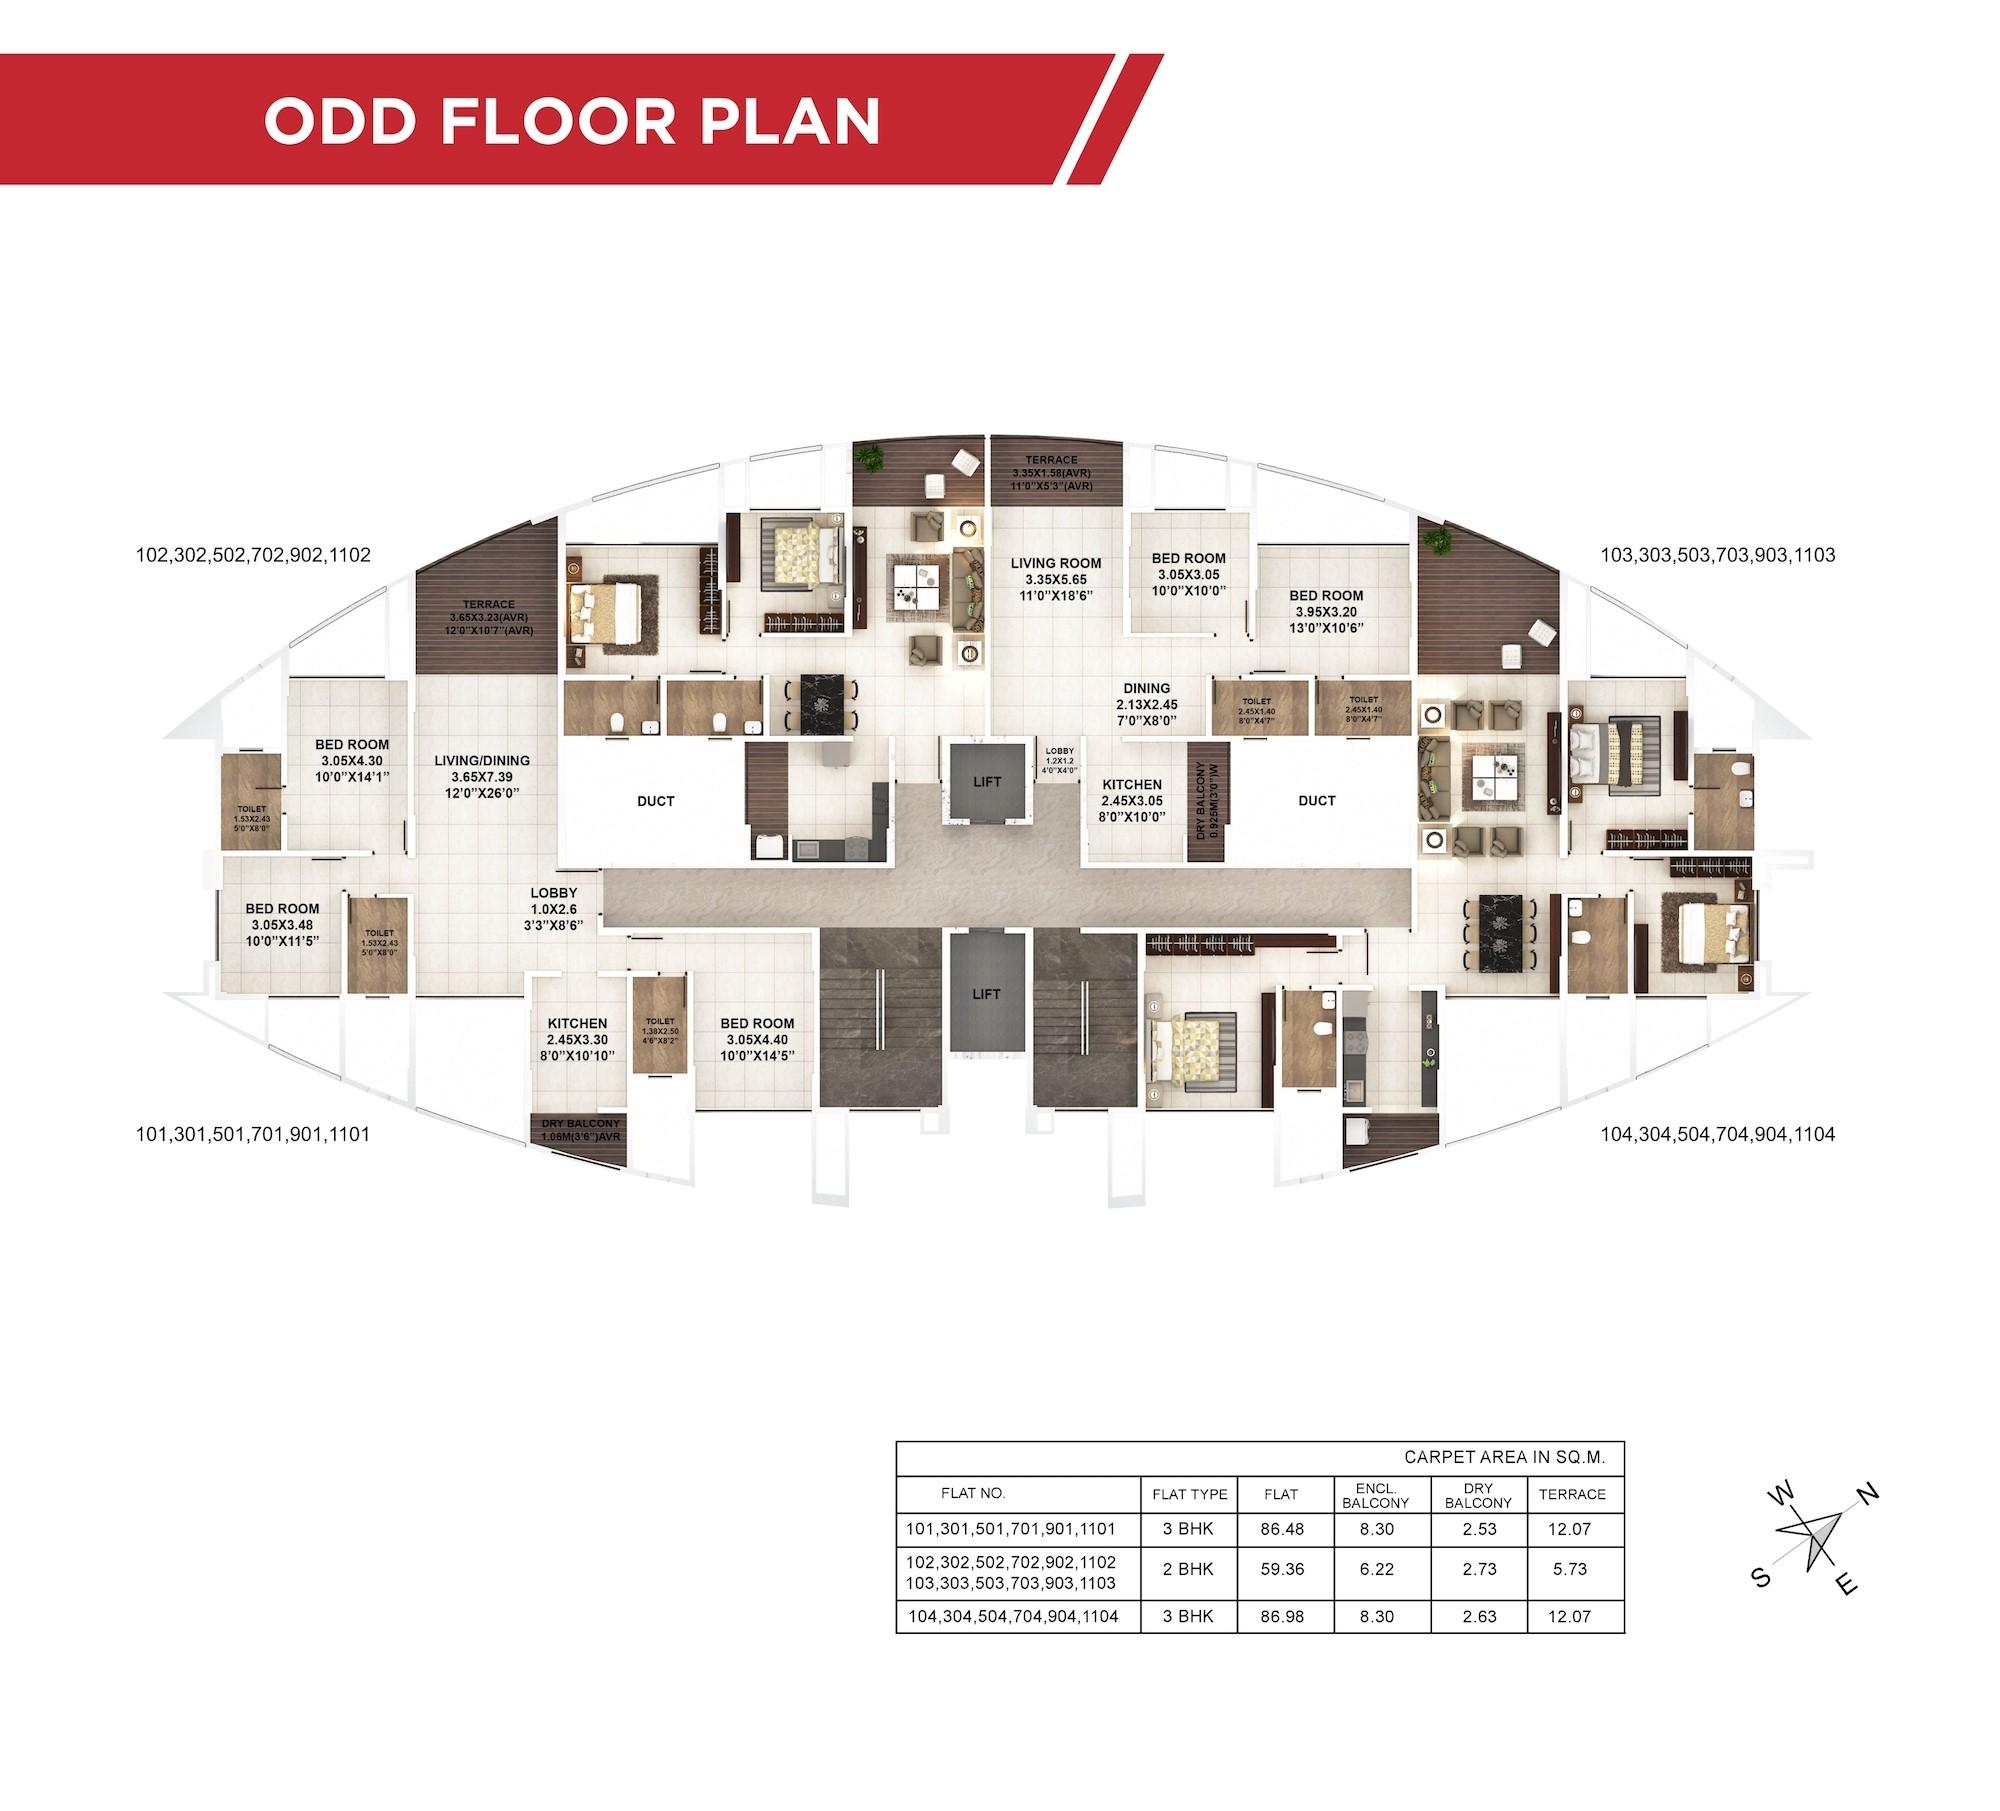 Papillon Odd Floor Plan